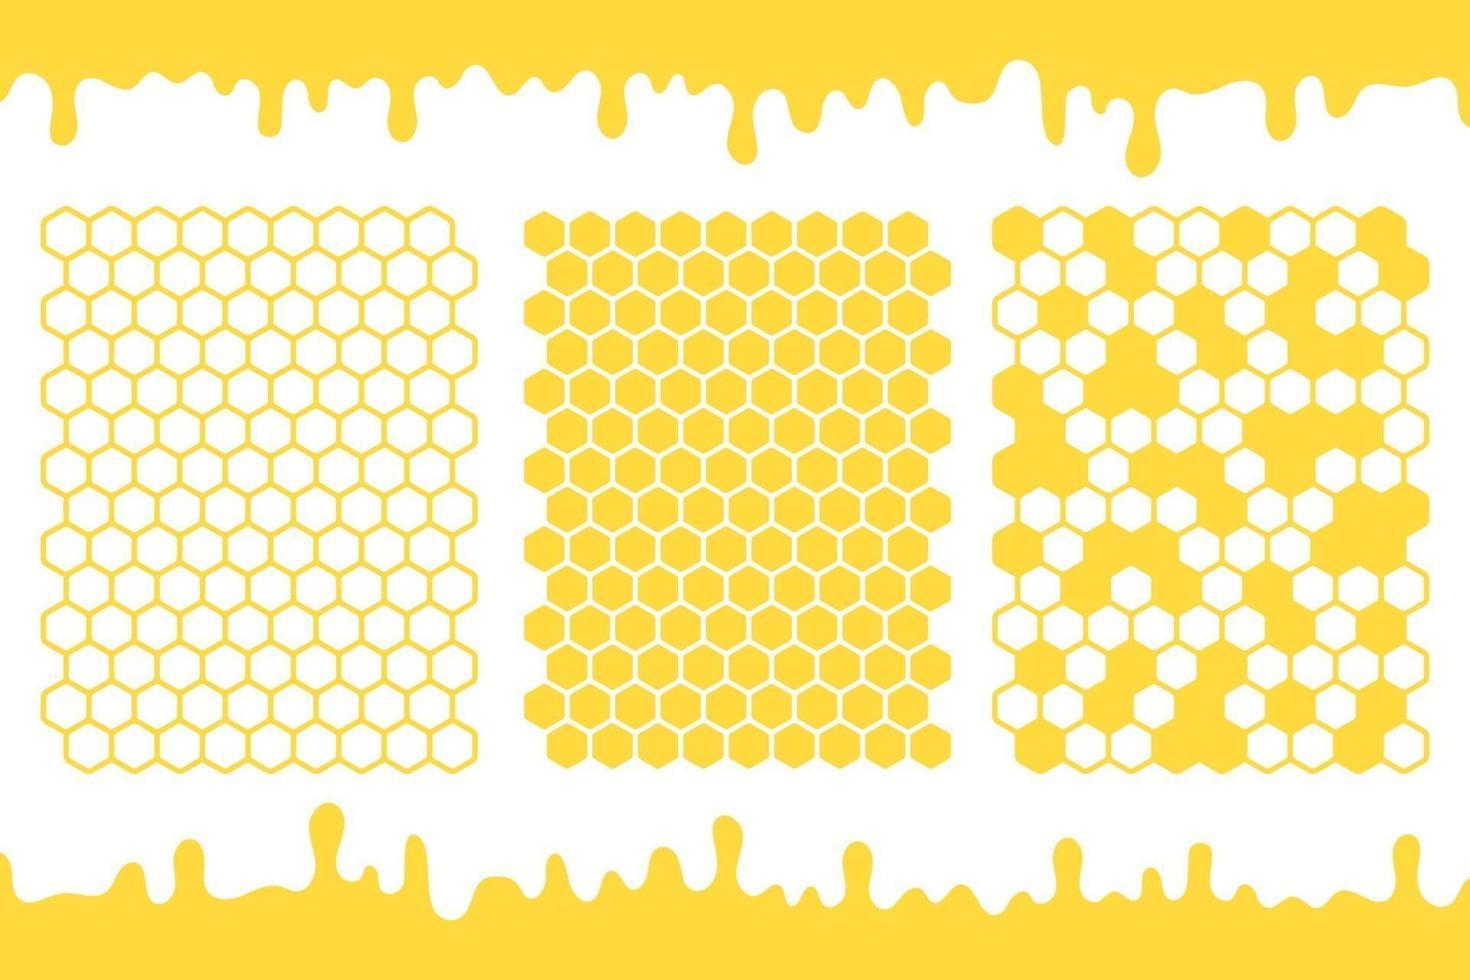 vetor de grade de favo de mel hexagonal amarelo com mel pingando no chão